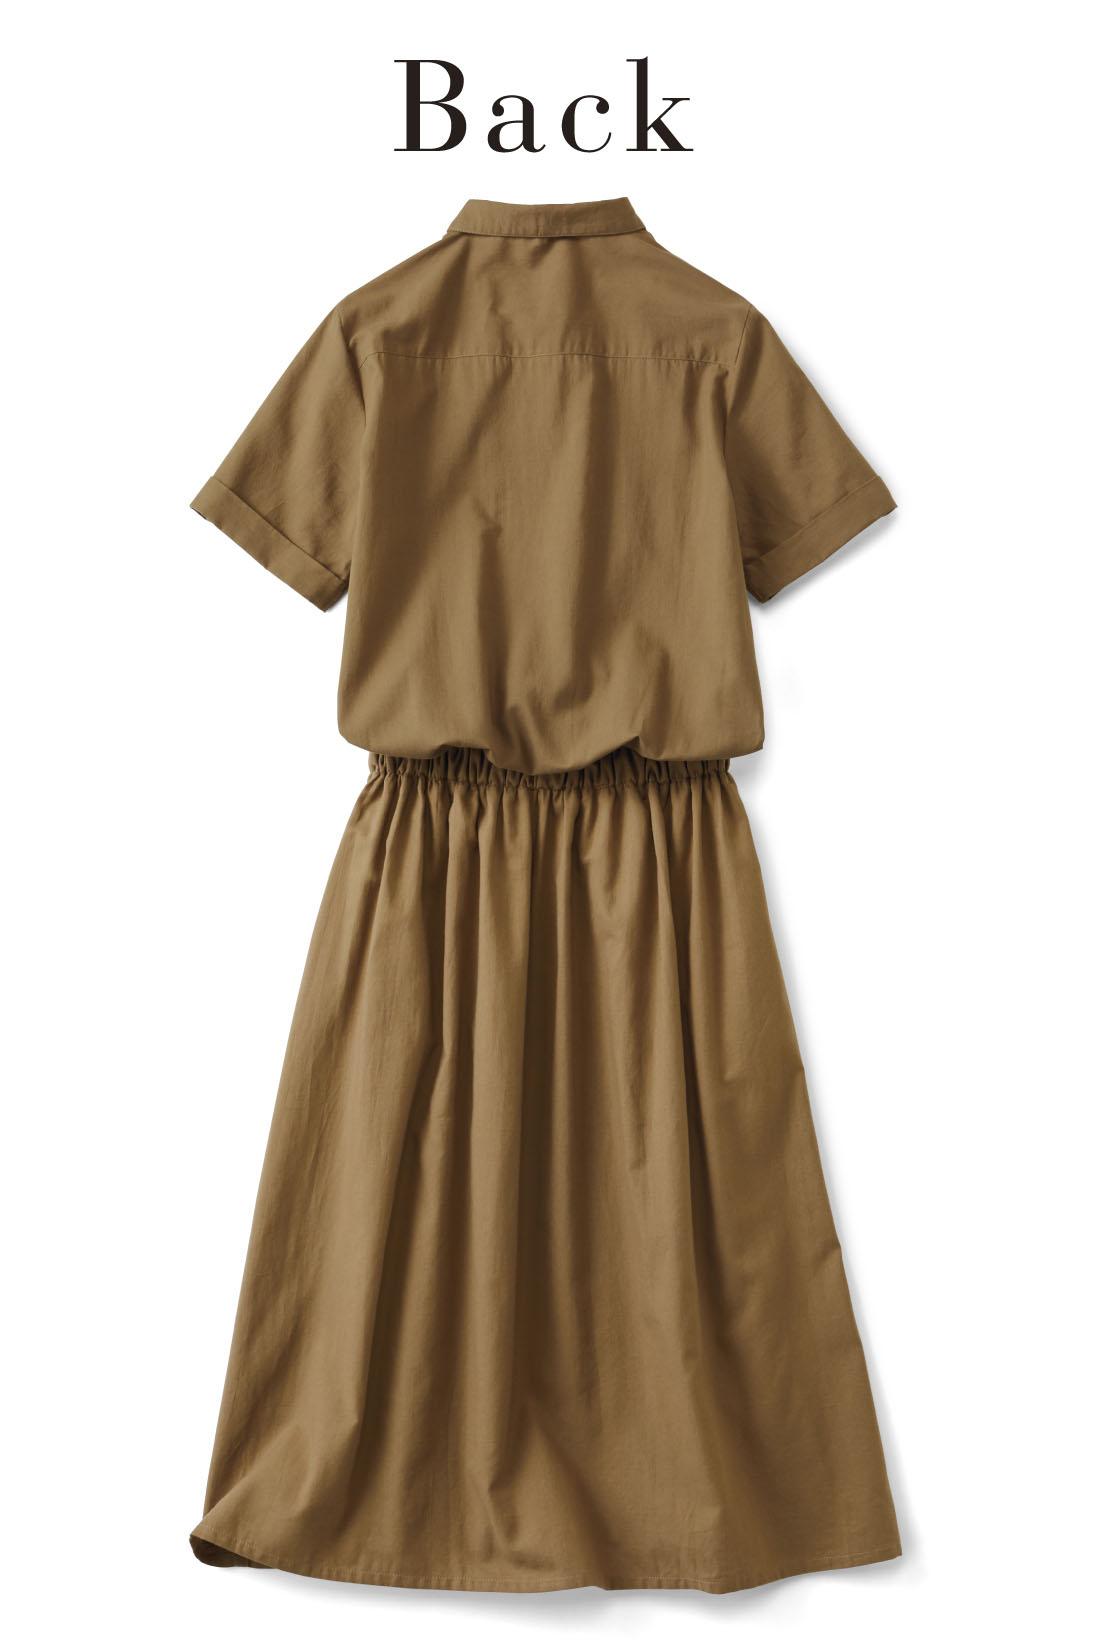 ヨーク切り替えで背中もすっきり。スカート部分はフレアーシルエットで腰まわりや脚のラインをカバー。